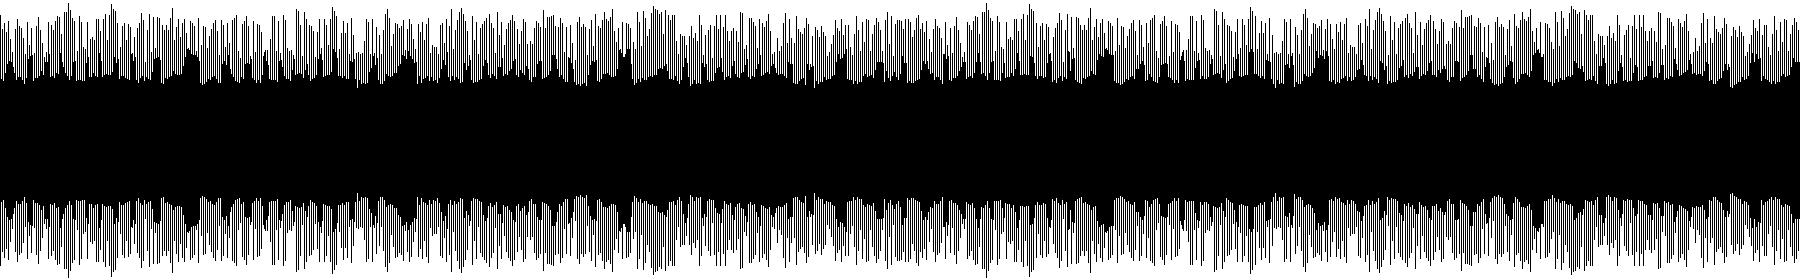 veh2 synths   062 c